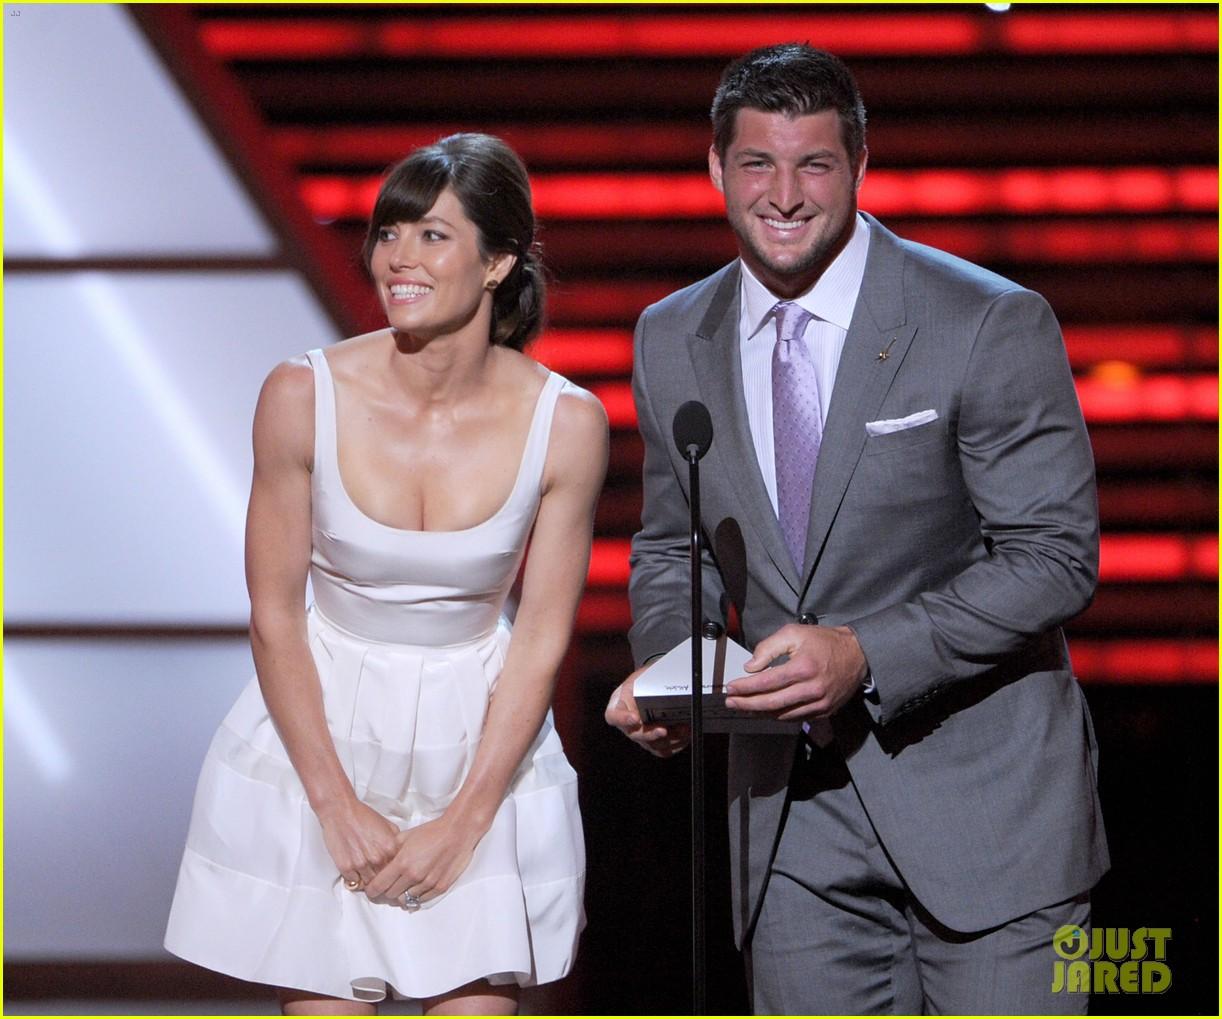 Jessica Biel Jeremy Lin Espy Awards 2012 Photo 2686032 2012